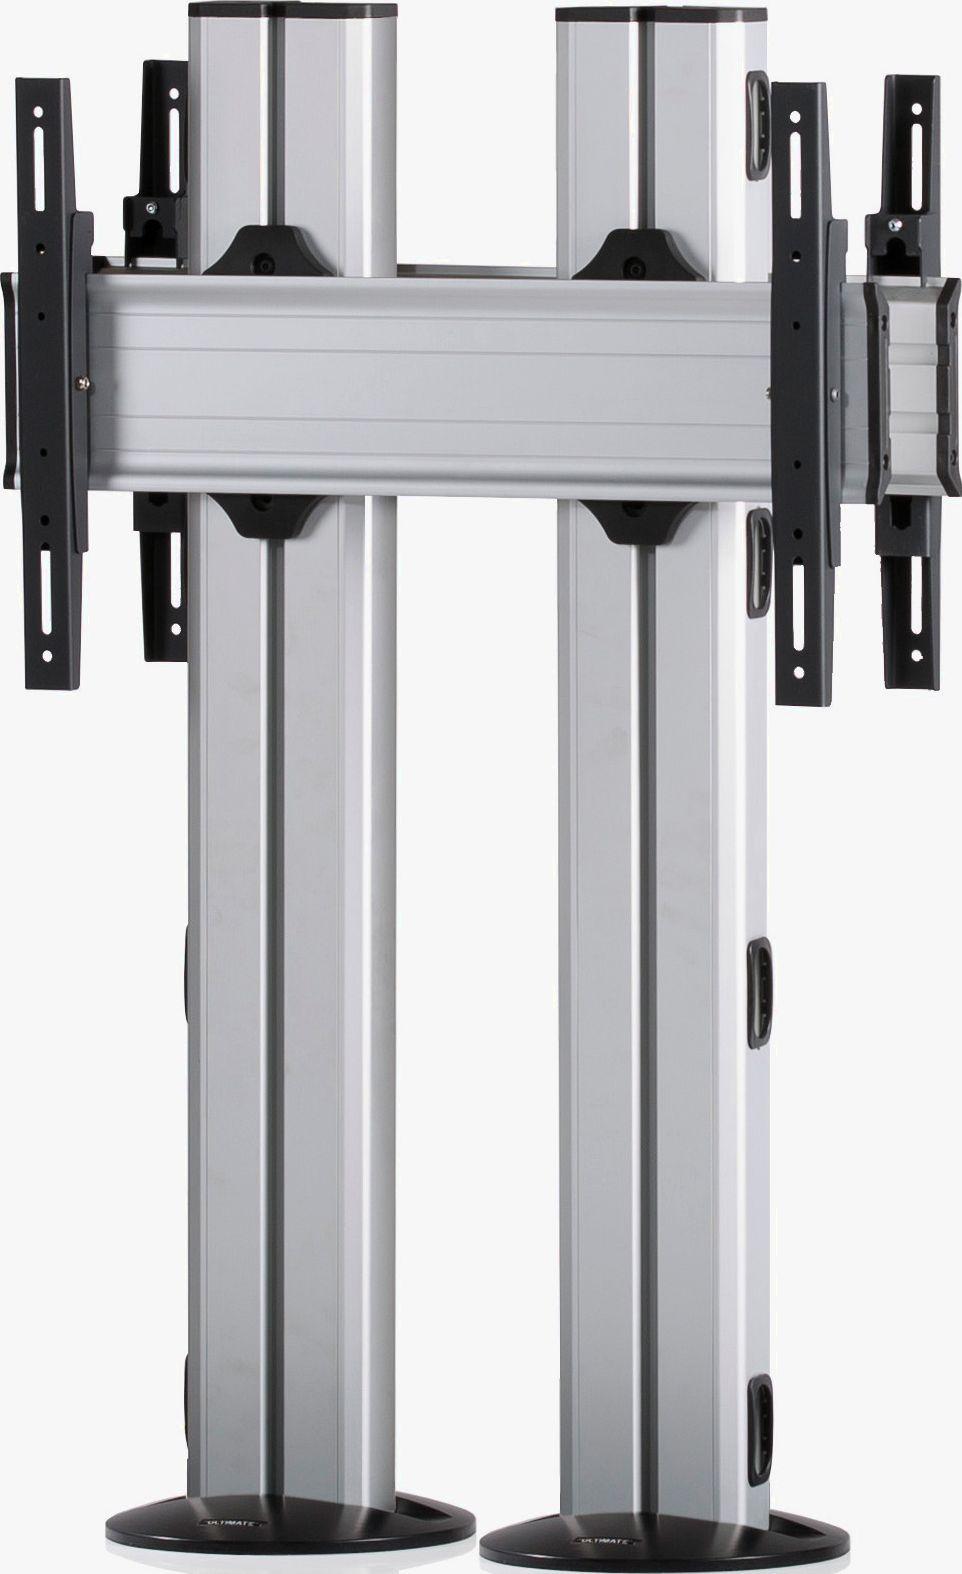 2 Displays 1×1 beidseitig, für große Bildschirme, Höhe 110 cm, Standard-VESA, zur Bodenbefestigung